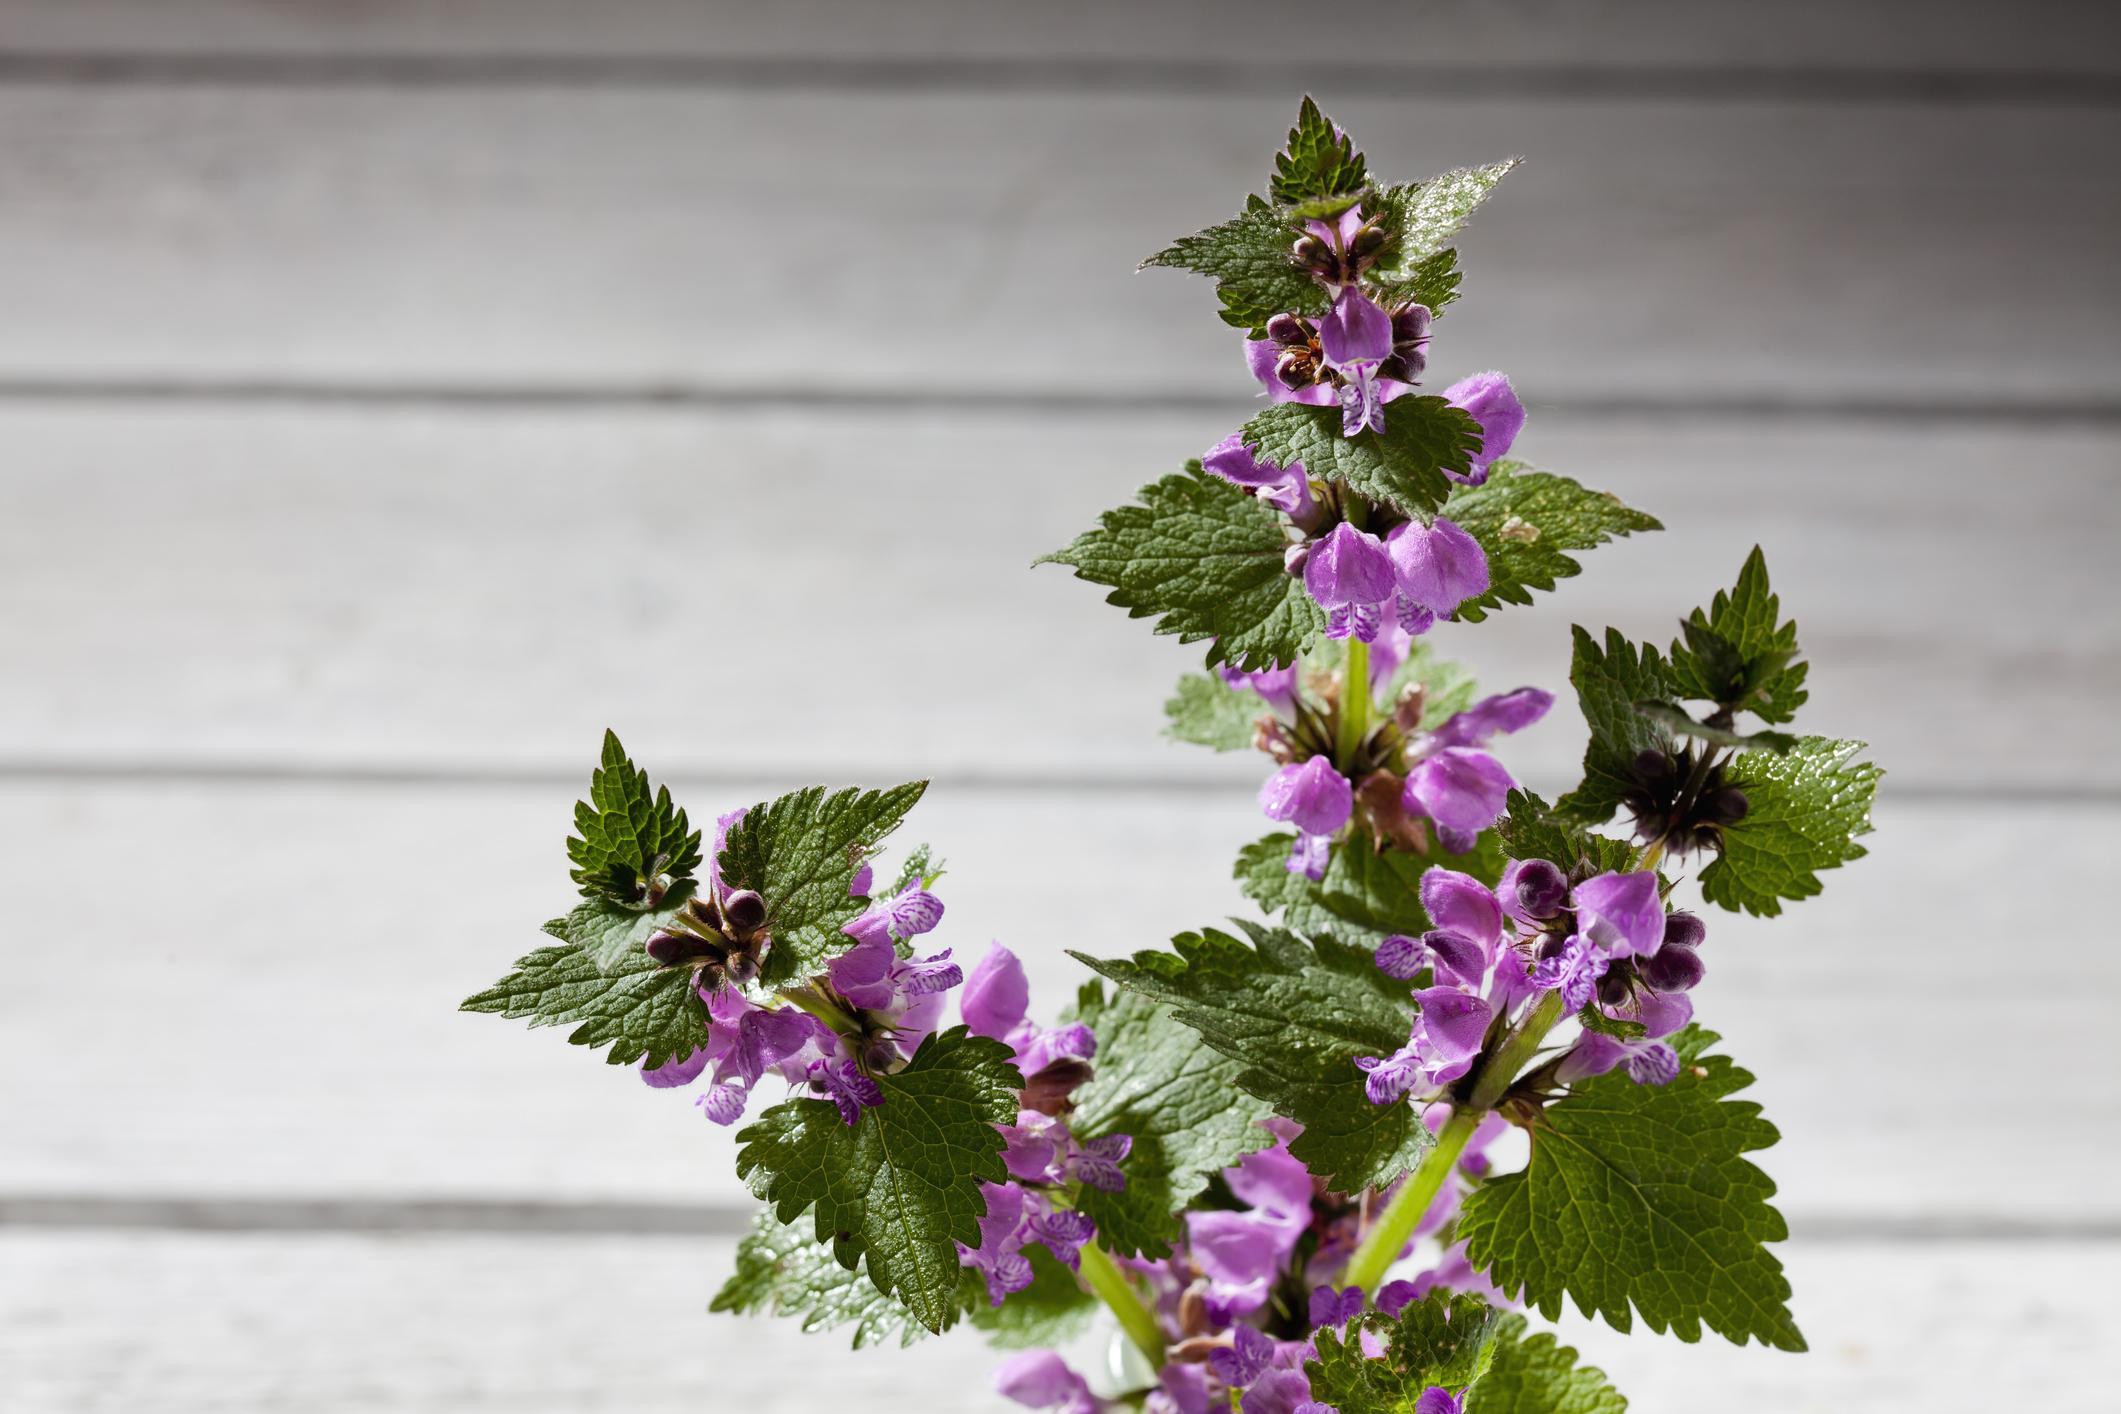 Purple deadnettle on wood,